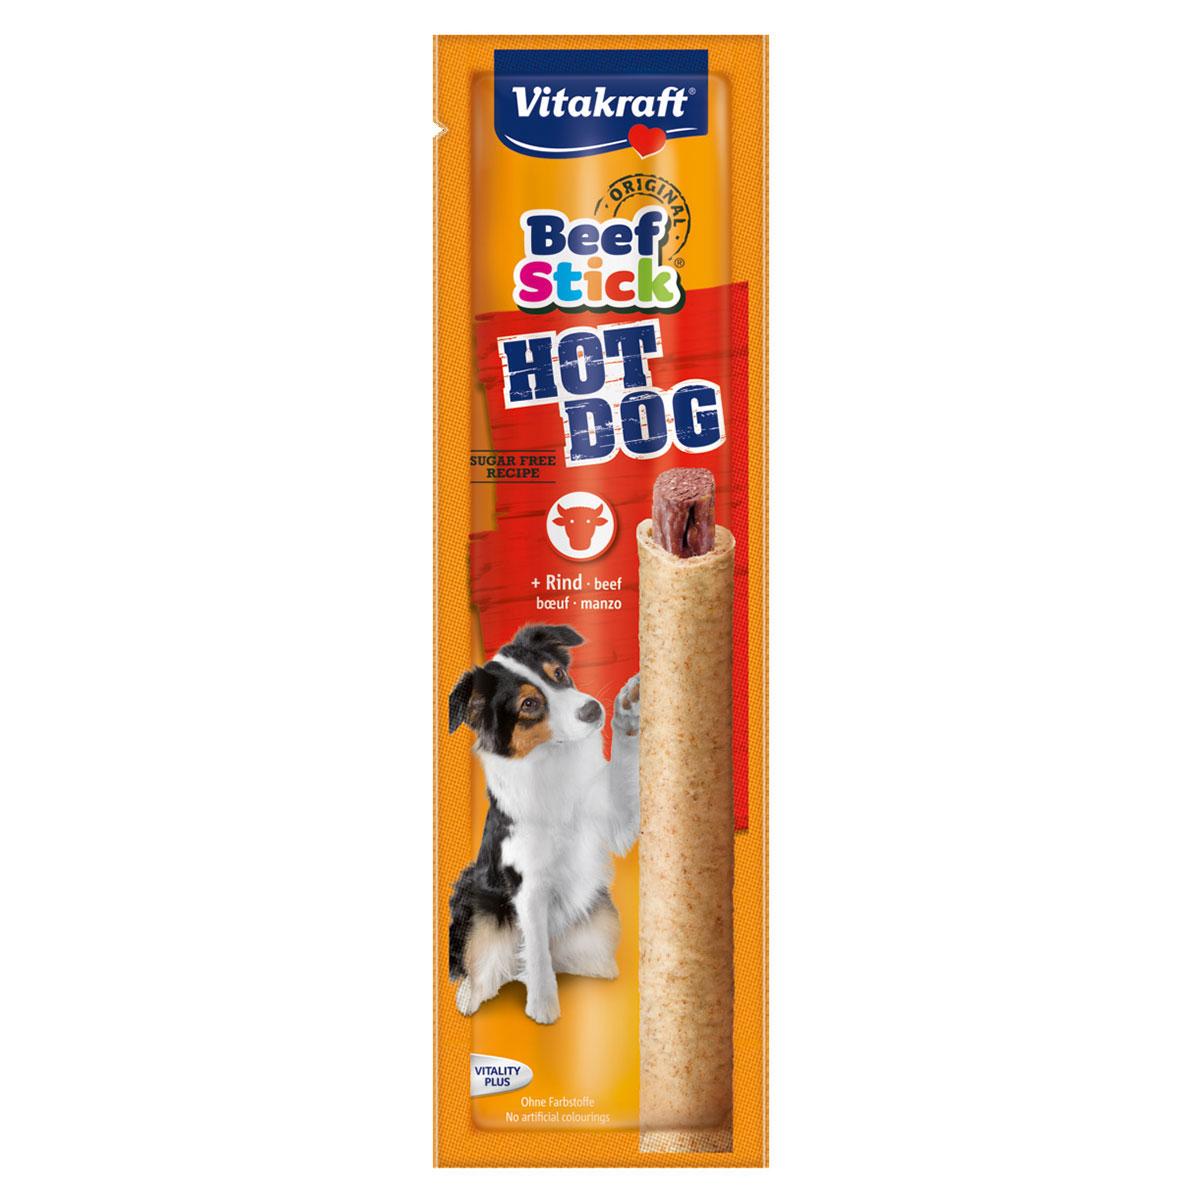 Лакомство для собак Vitakraft Beef-Stick Hot Dog, 30 гDP101FЛакомство для собак Vitakraft Beef-Stick Hot Dog - это натуральная мясная колбаска, без консервантов, красящих веществ и искусственных усилителей вкуса. Используется в качестве дополнения к основному корму и для поощрения при дрессировке.Состав: злаки, мясо и мясные субпродукты (говядина 32%, мышечное мясо 40%), минералы, продукты растительного происхождения. Анализ состав: 22% влажность, 20% протеин, 13,2% жир, 1% клетчатка, 5% зола. Витамины: А 4800 МЕ, Д3 480 МЕ. Товар сертифицирован.